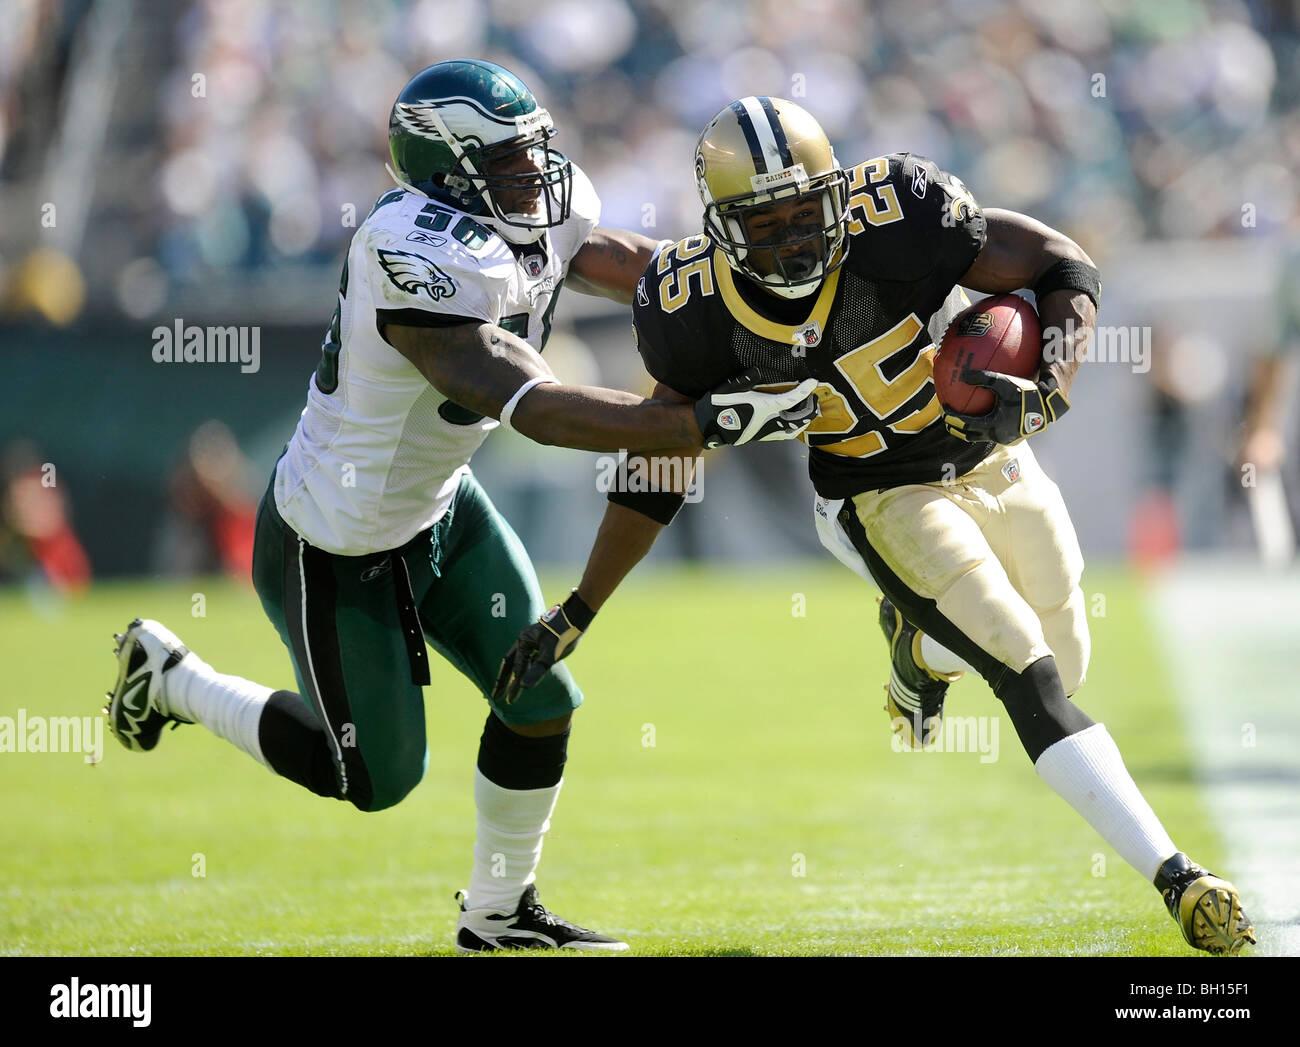 Reggie Bush #25 de la New Orleans Saints s'exécute avec la balle comme Akeem Jordan #56 de Photo Stock